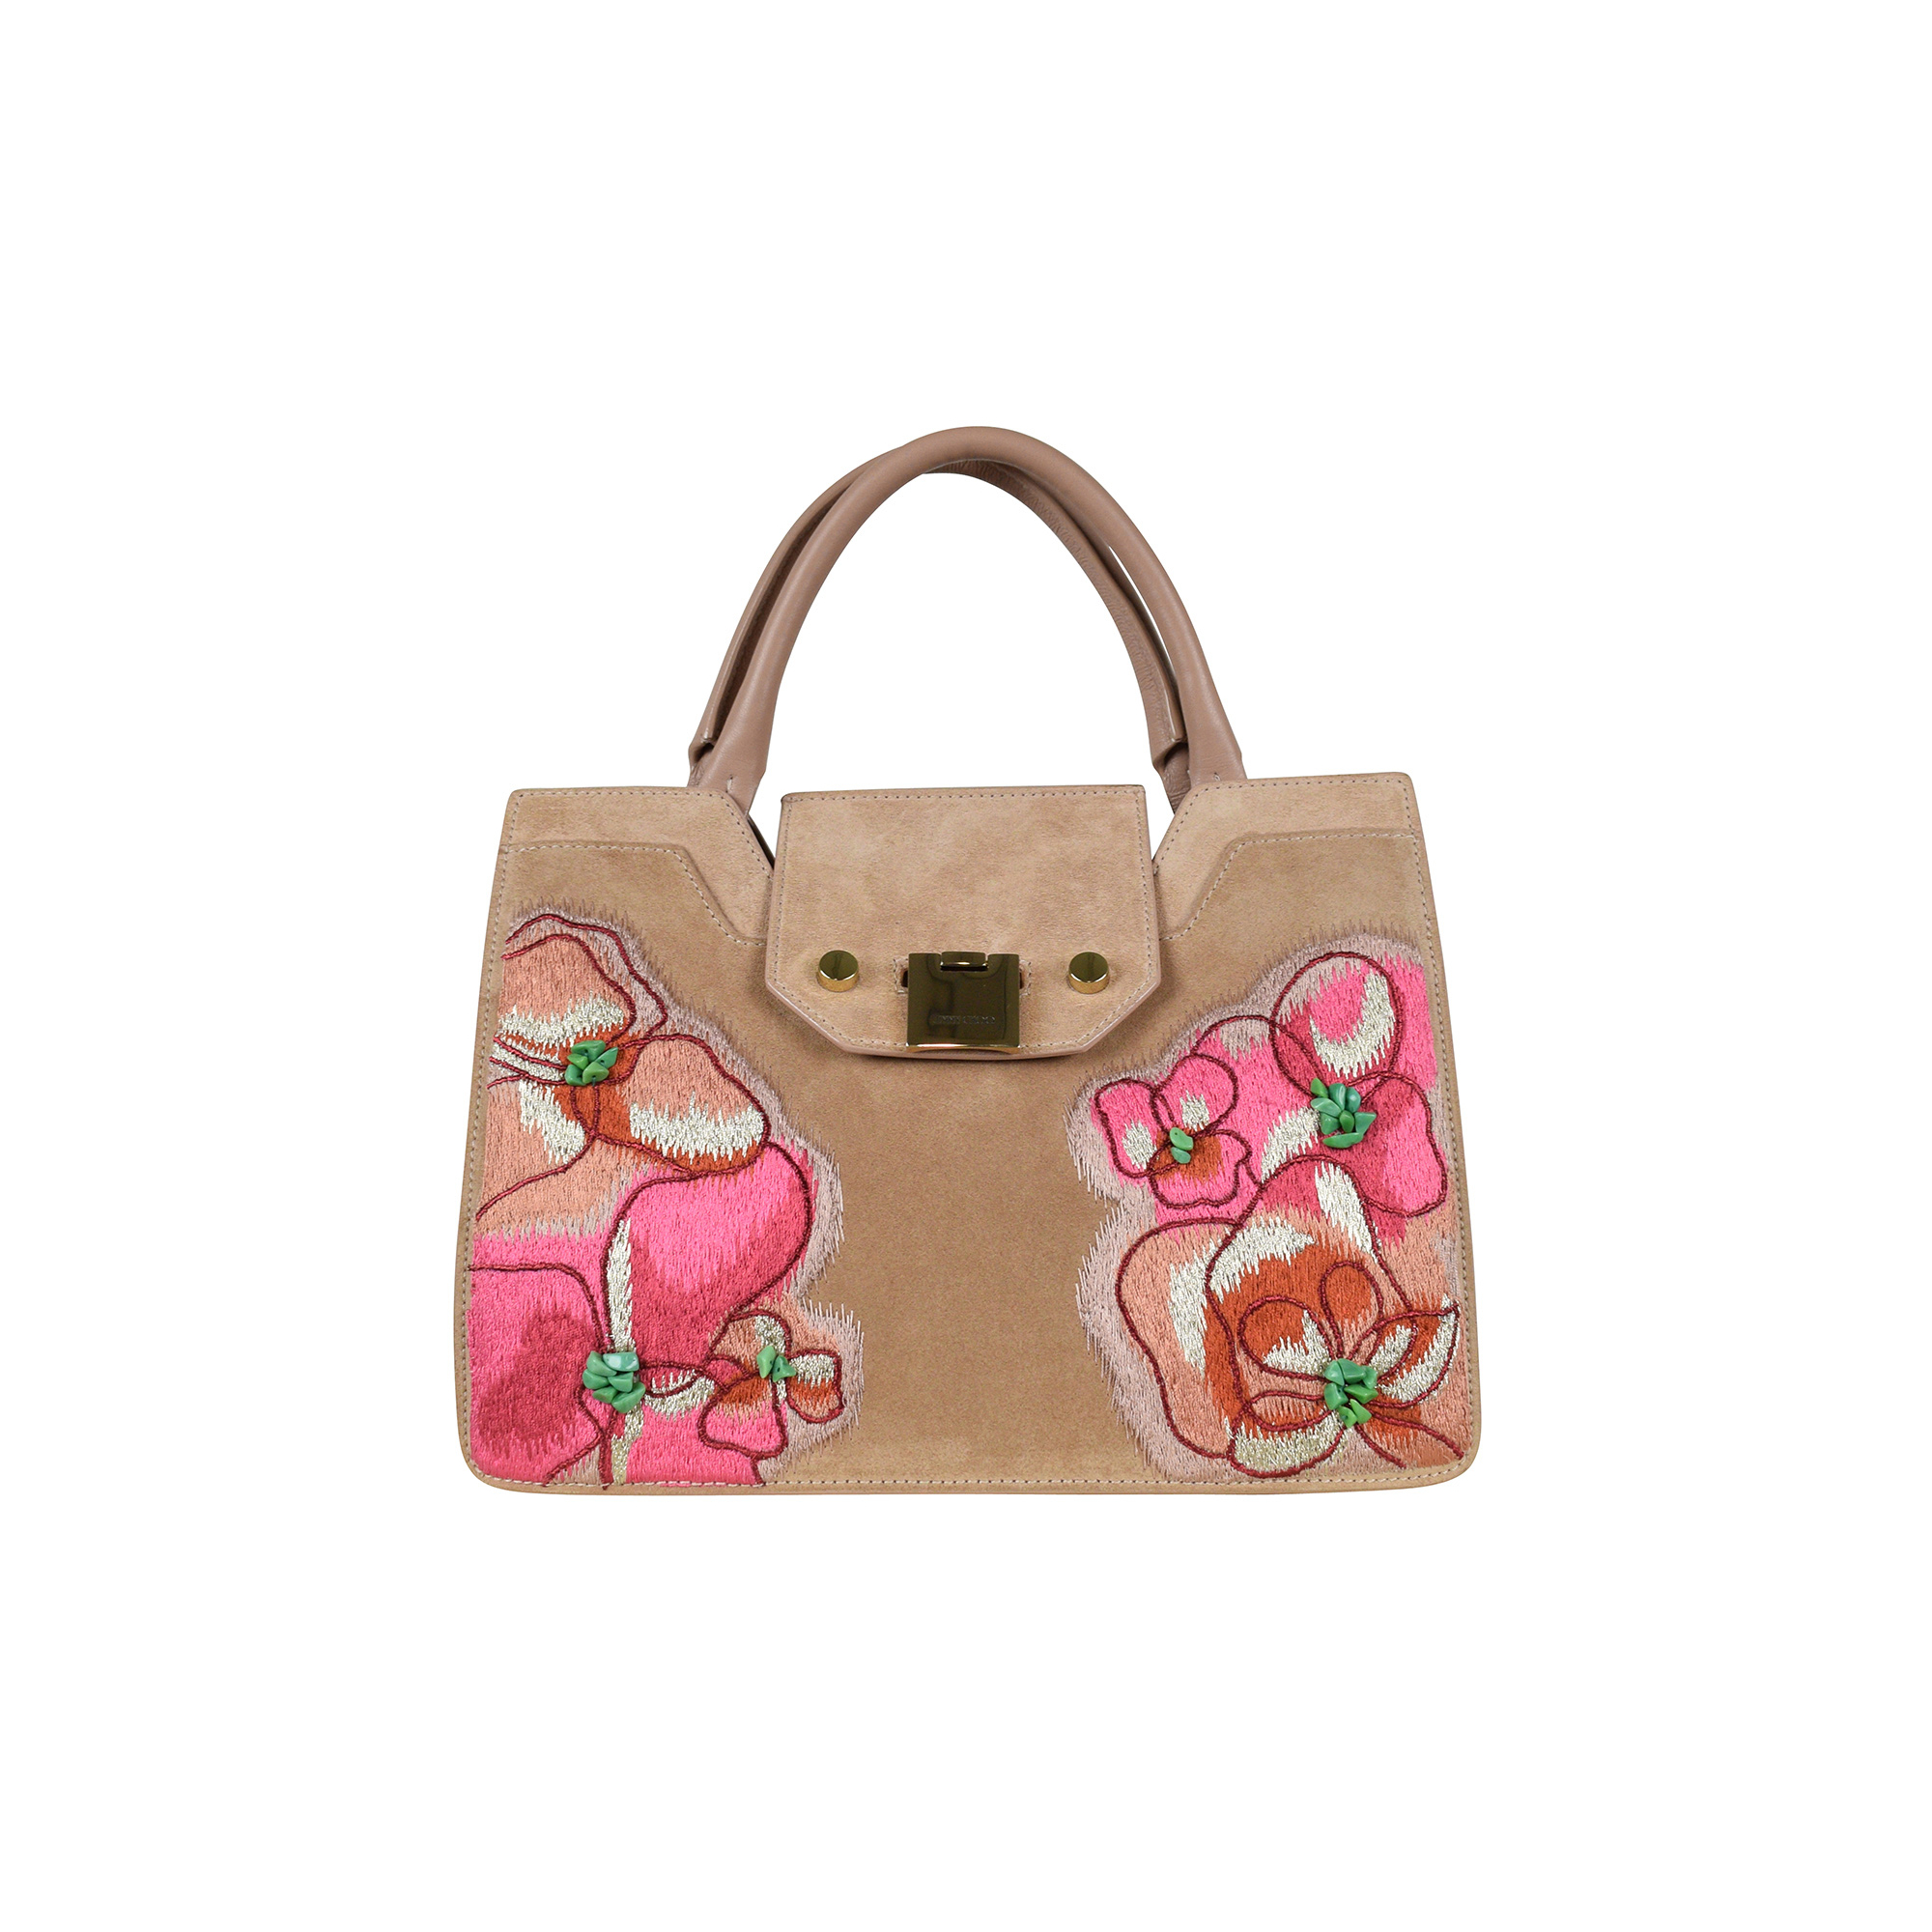 Jimmy Choo medium Riley handbag